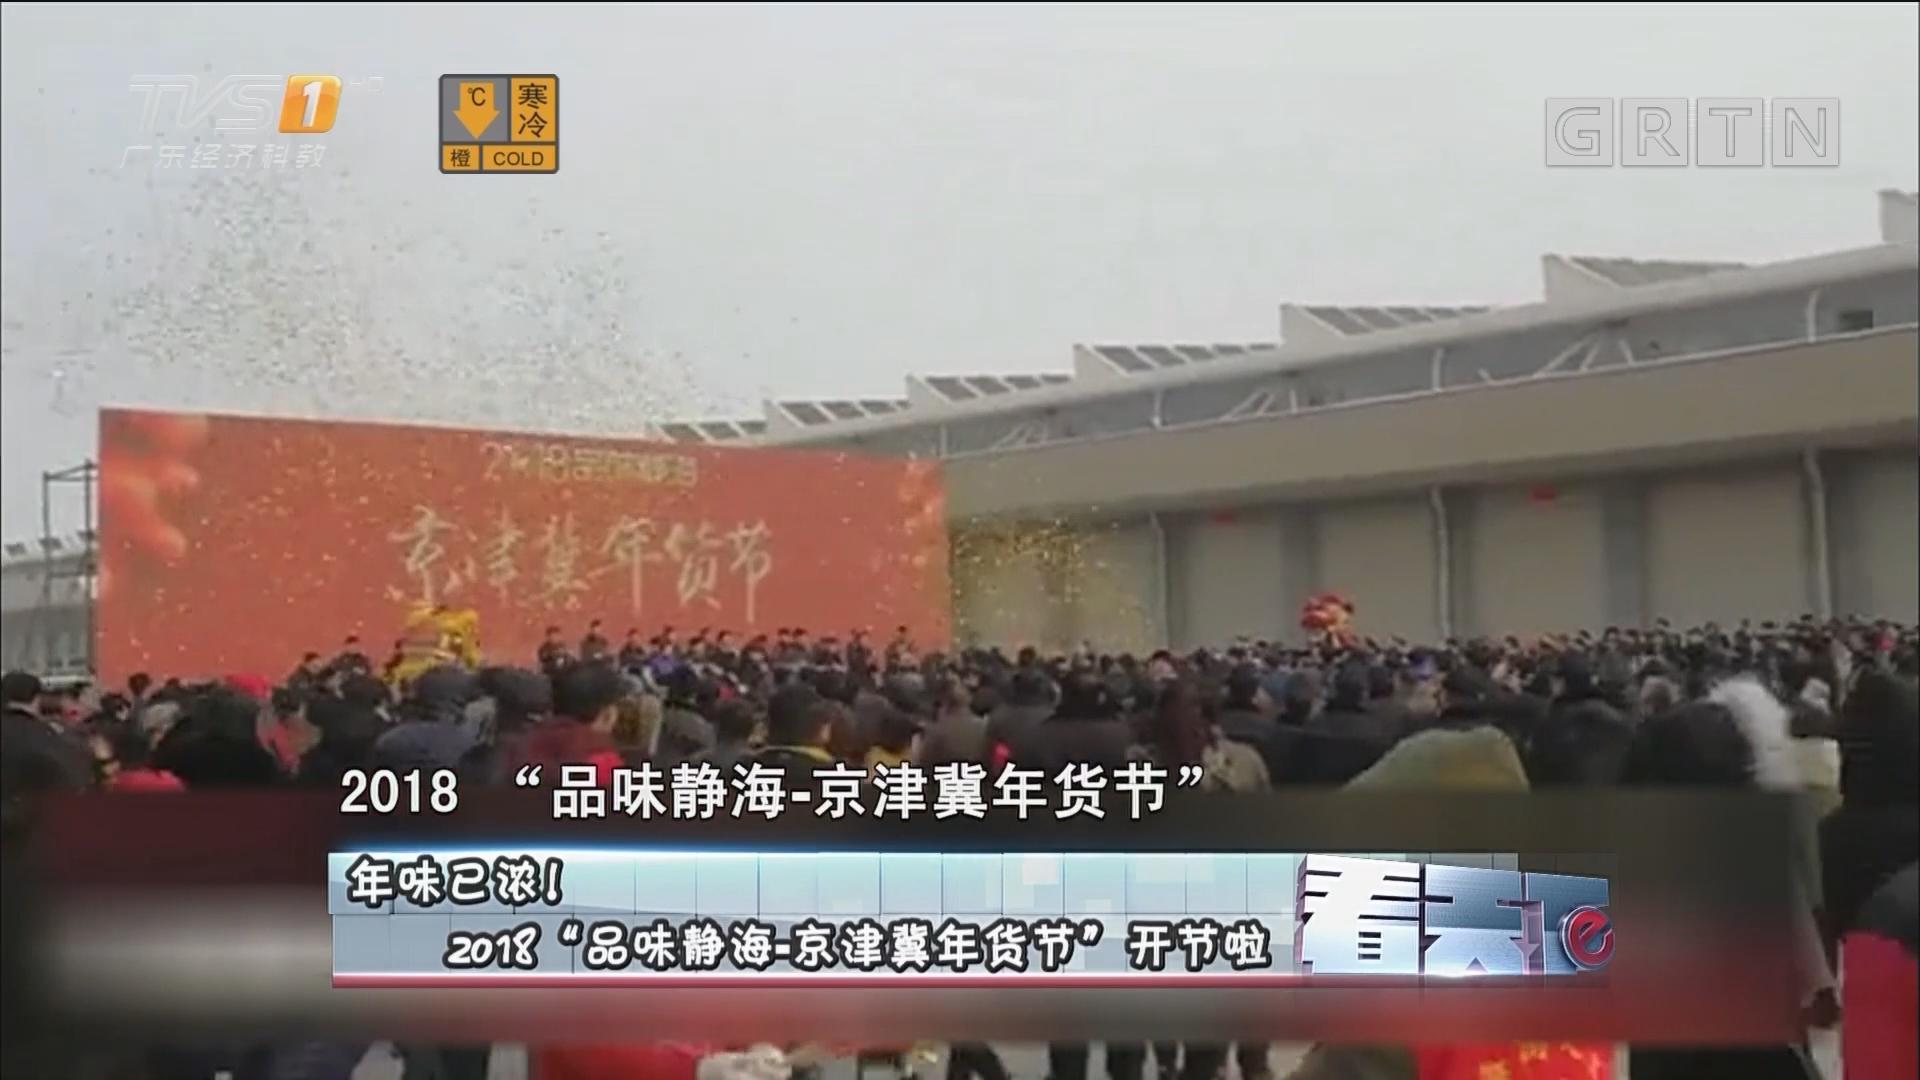 """[HD][2018-01-30]看天下:年味已浓! 2018""""品味静海—京津翼年货节""""开节啦"""